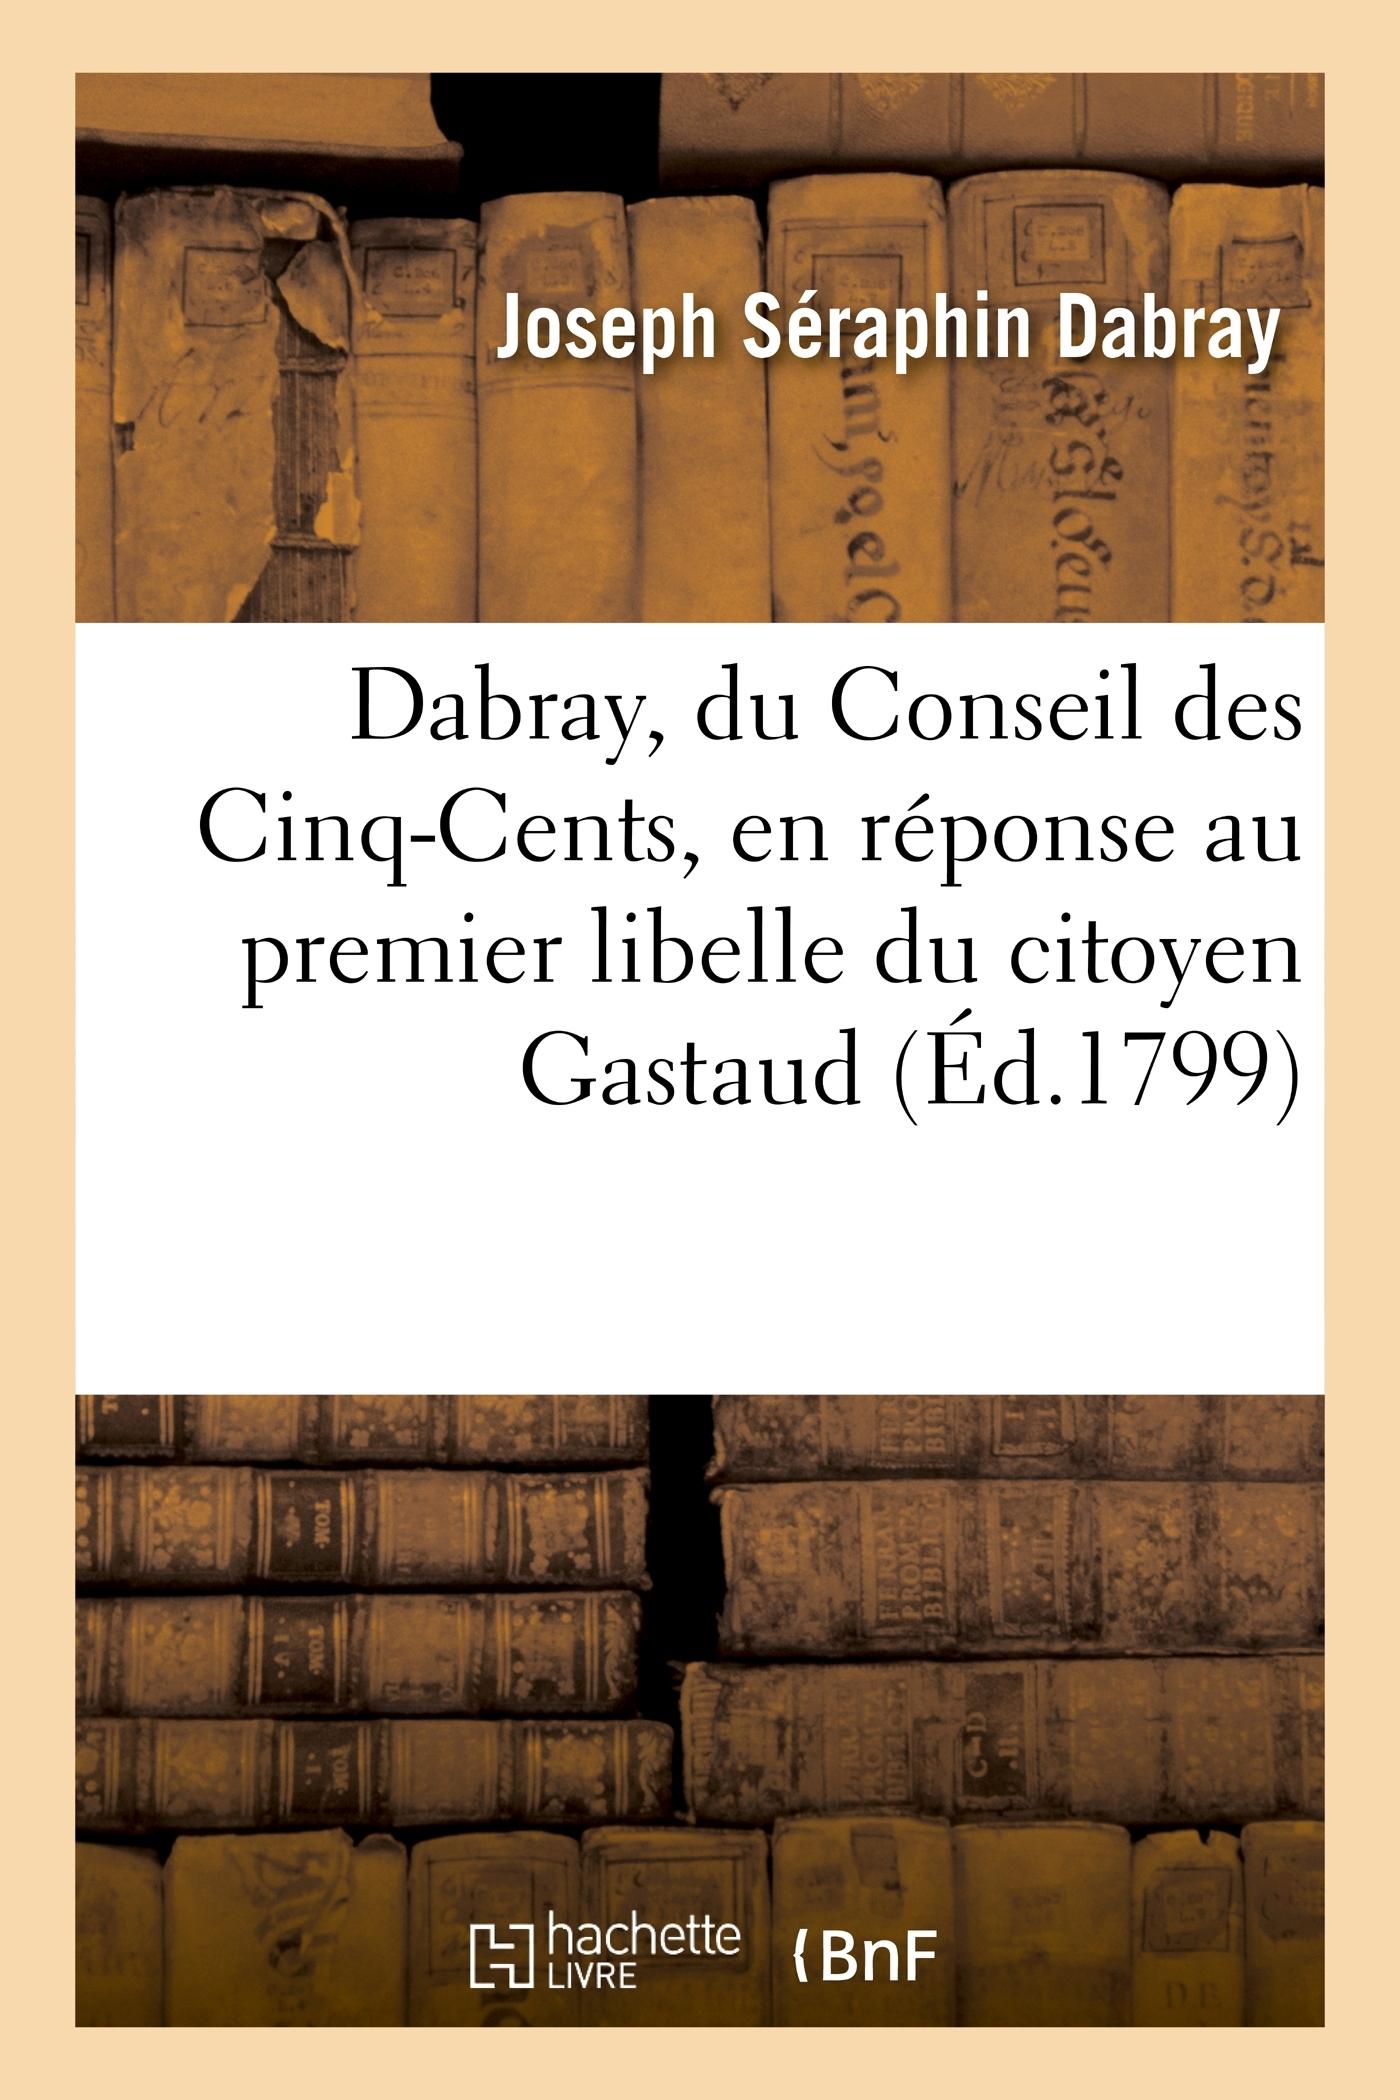 DABRAY, DU CONSEIL DES CINQ-CENTS, EN REPONSE AU PREMIER LIBELLE DU CITOYEN GASTAUD